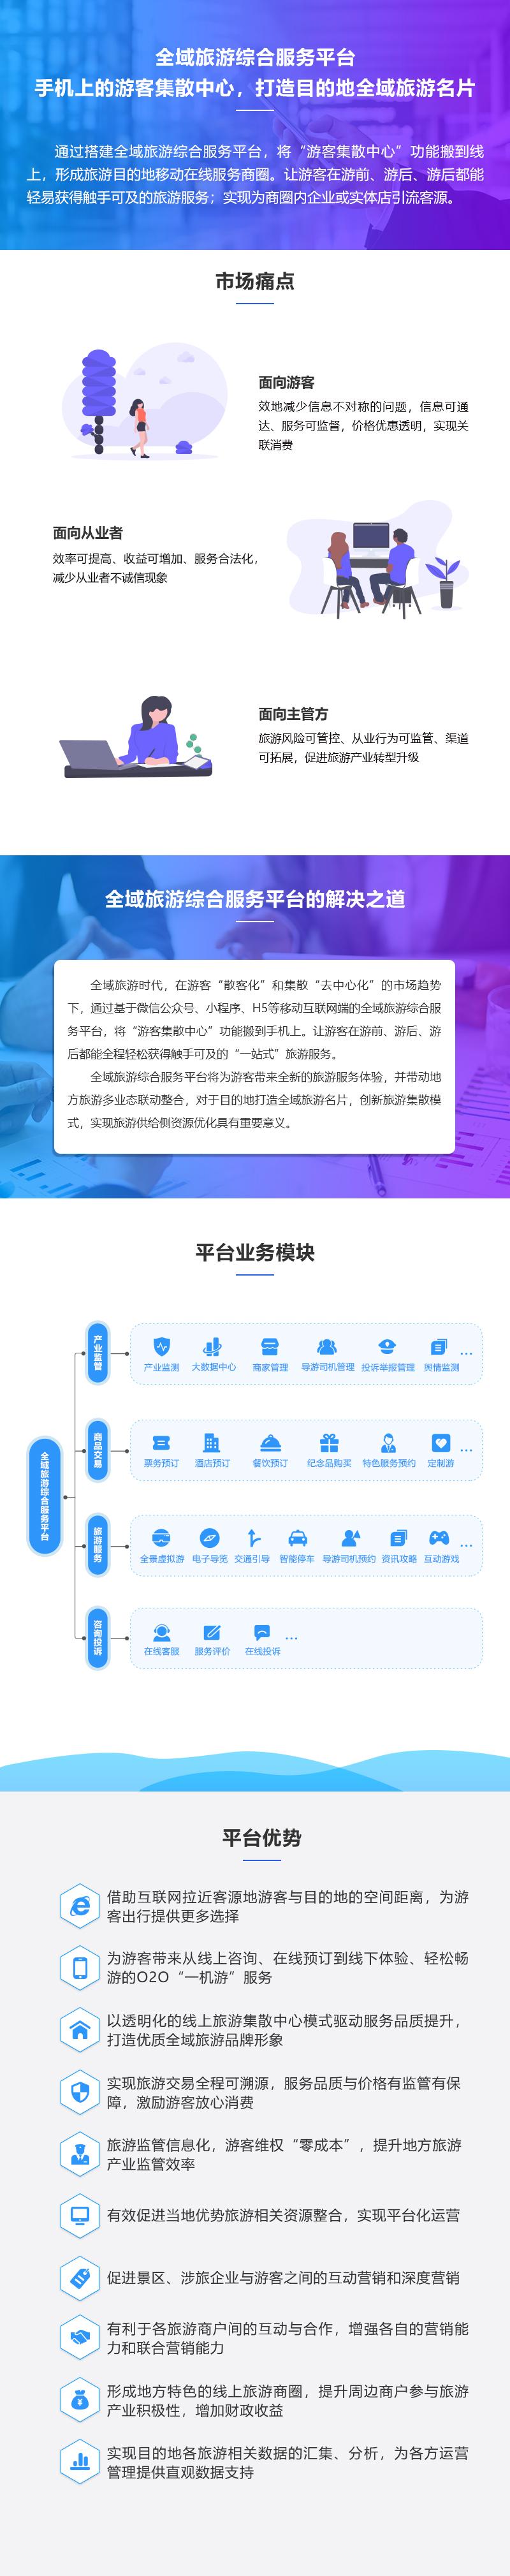 12778038_全域旅游綜合服務平臺